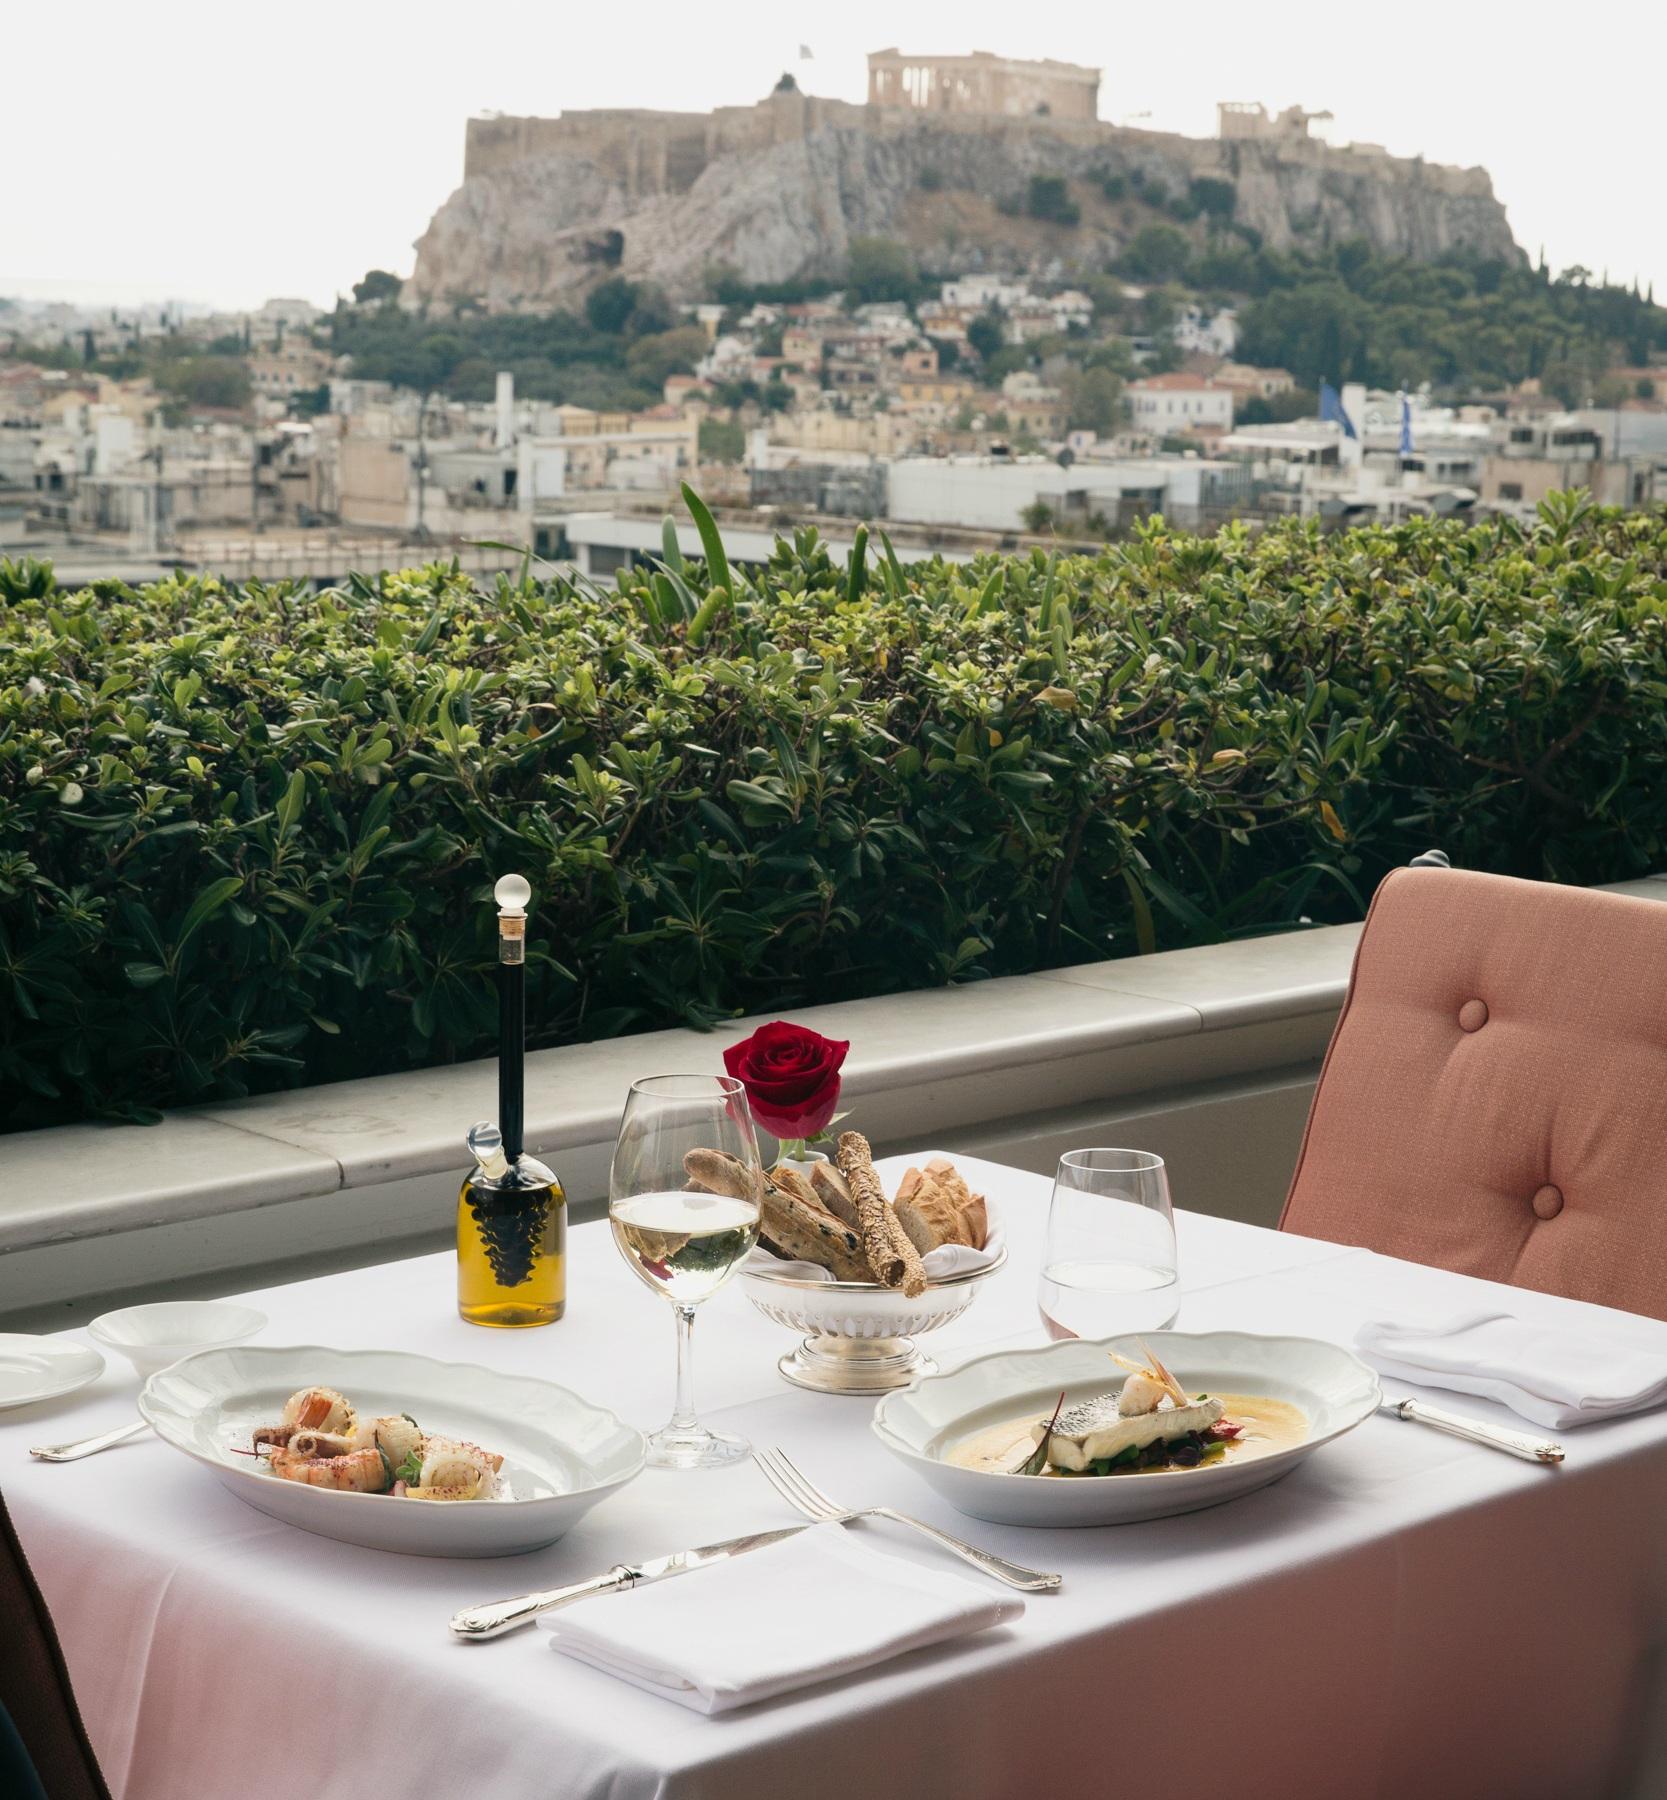 EPICUREAN JOURNEY GREECE: ATHENS